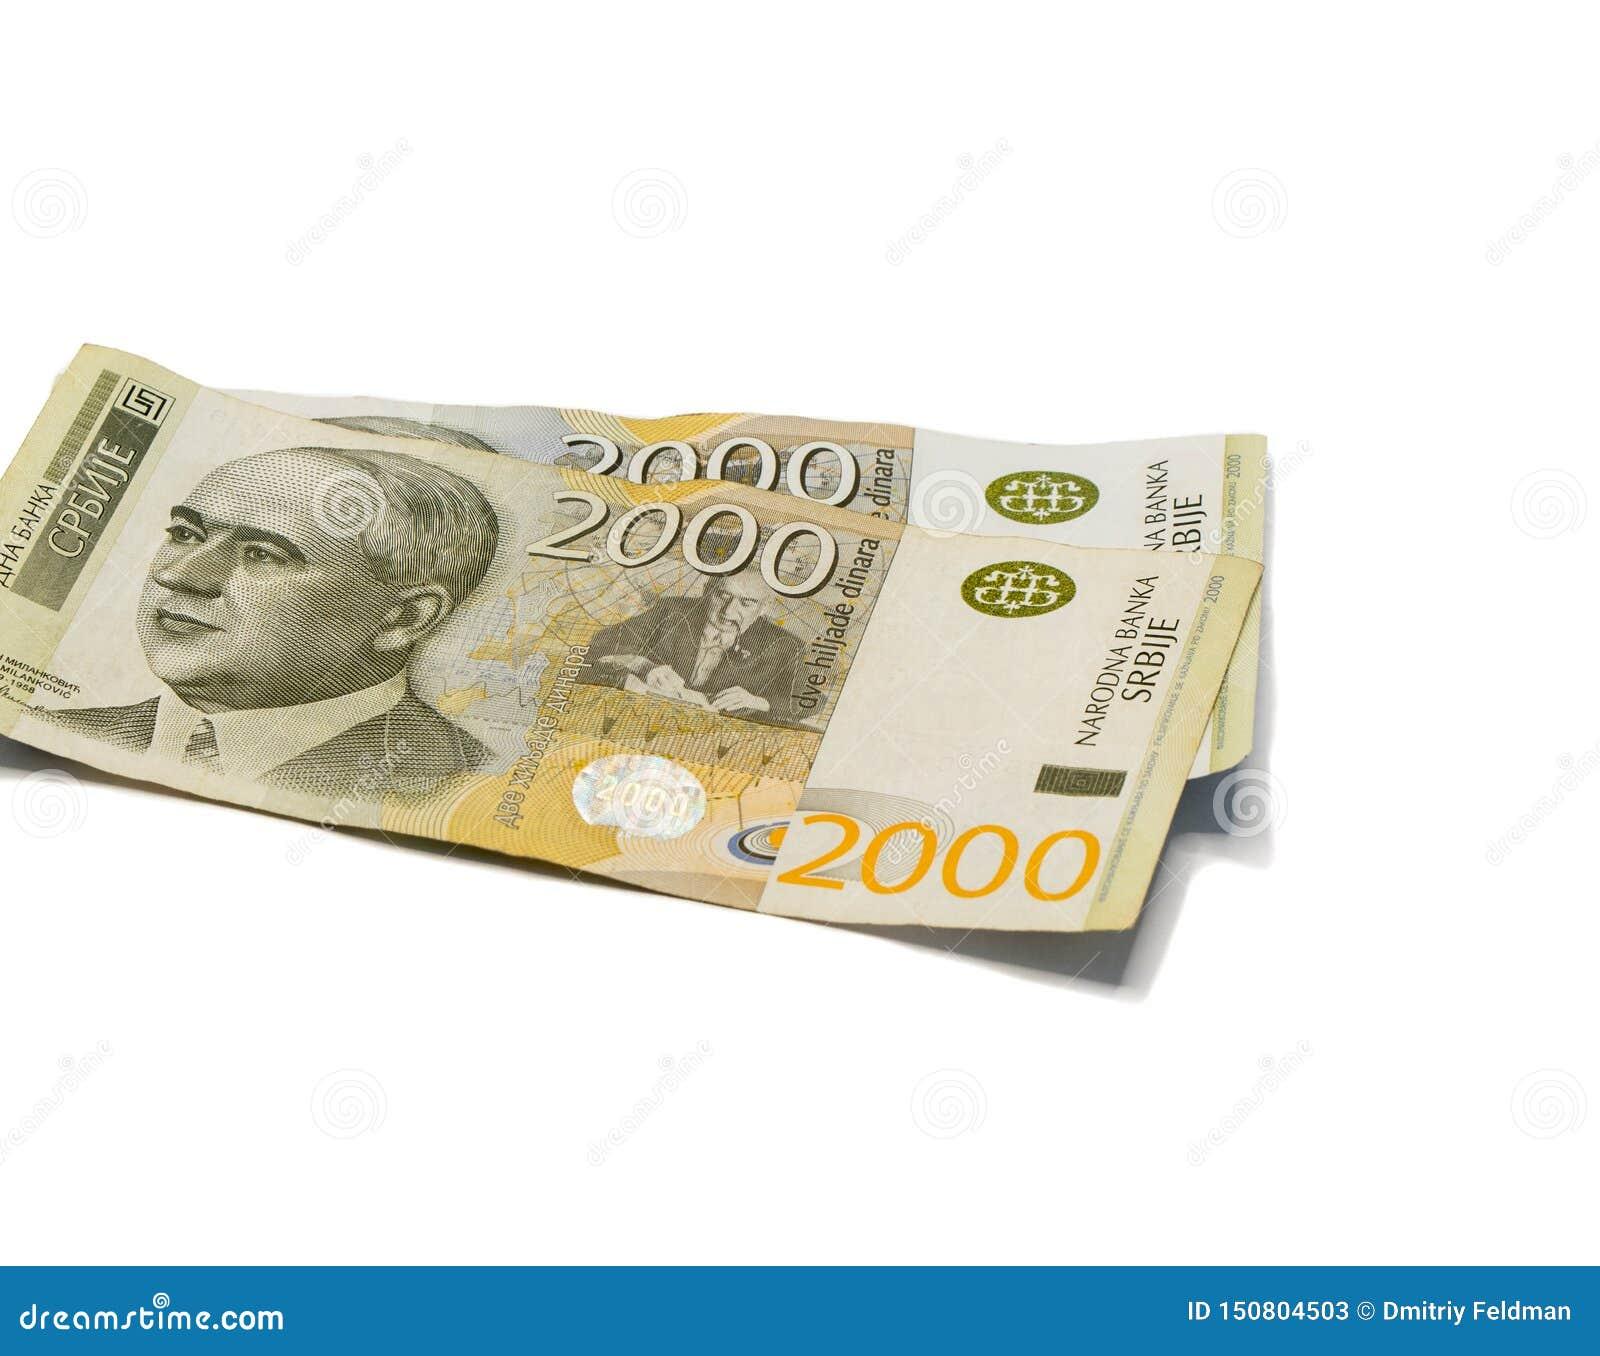 Värde för två sedlar 2000 serbiska dinar med en stående av en klimatforskare Milutin Milankovic isolerade på en vit bakgrund